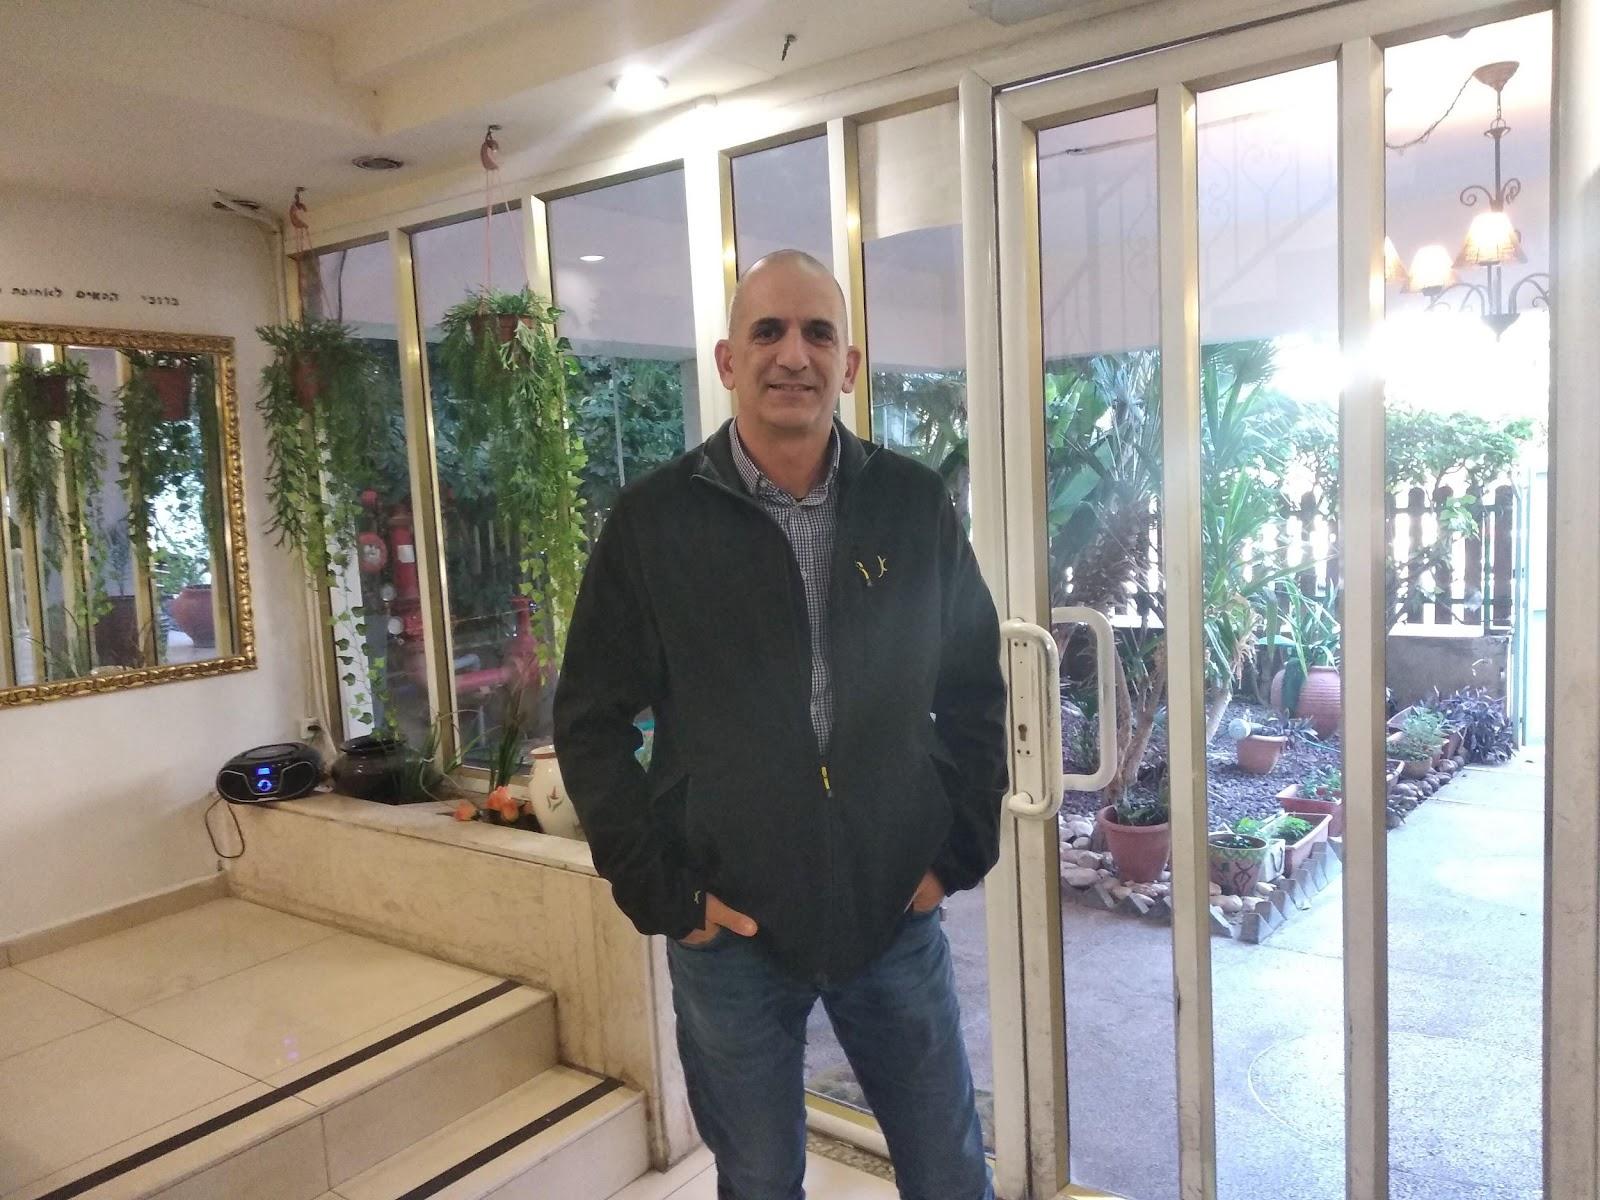 דרור טיטלבויים מנהל מרכז גריאטרי